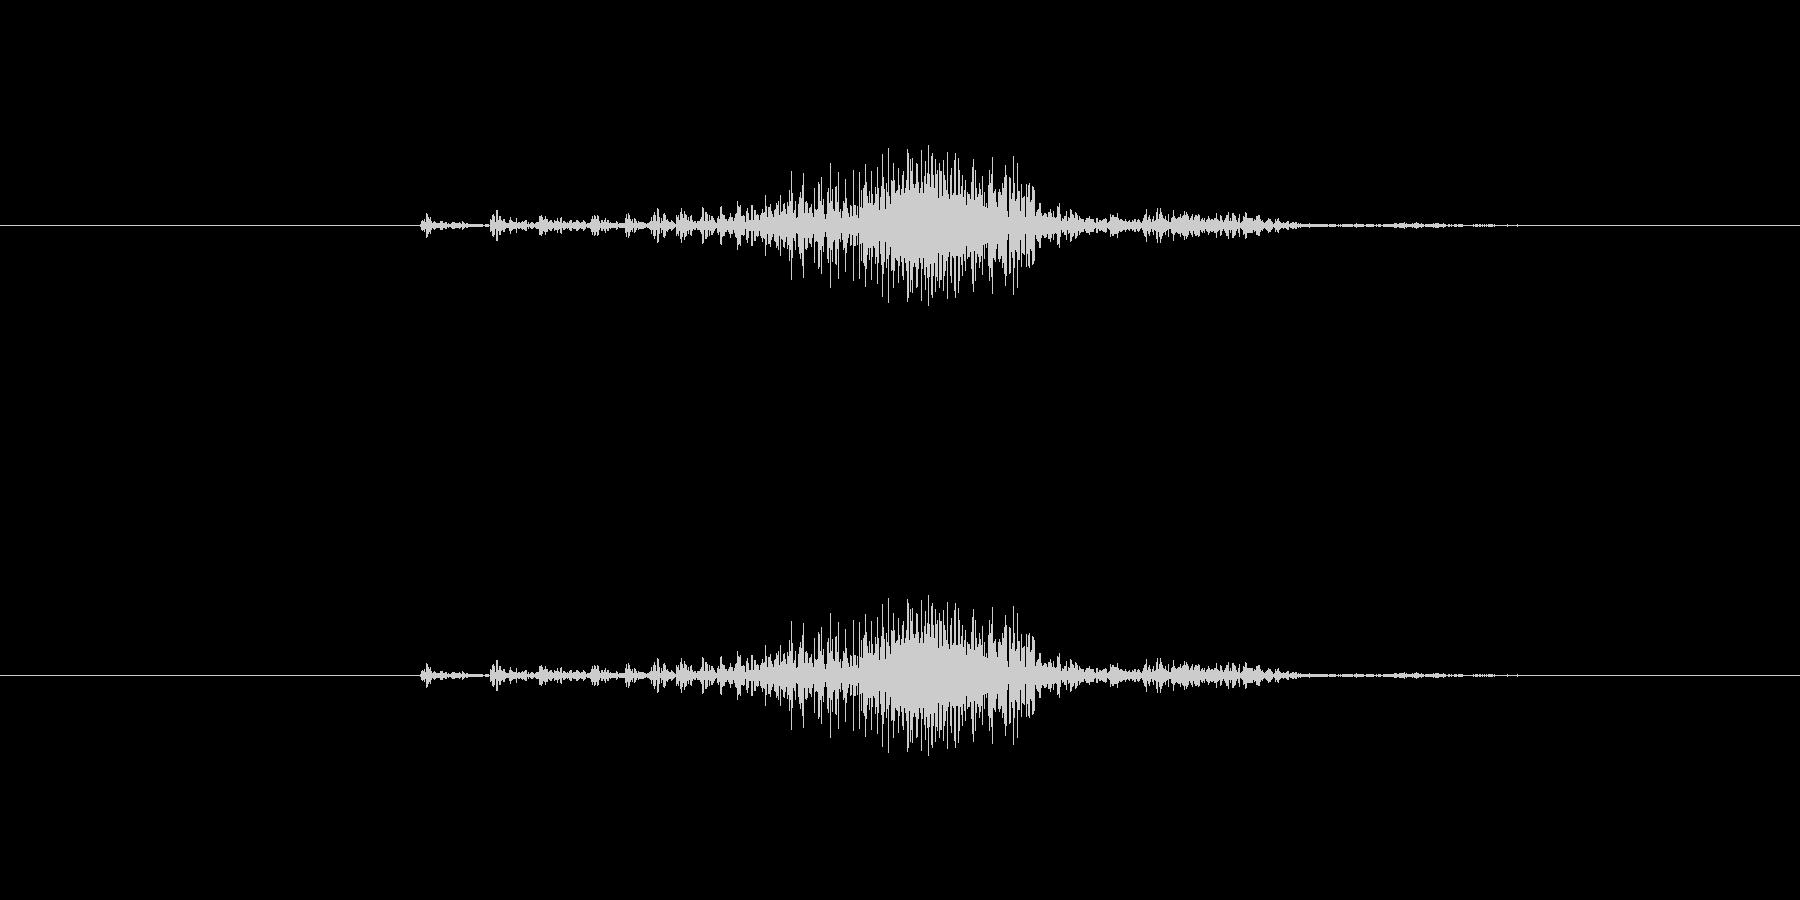 ジッパー音(速め)2の未再生の波形